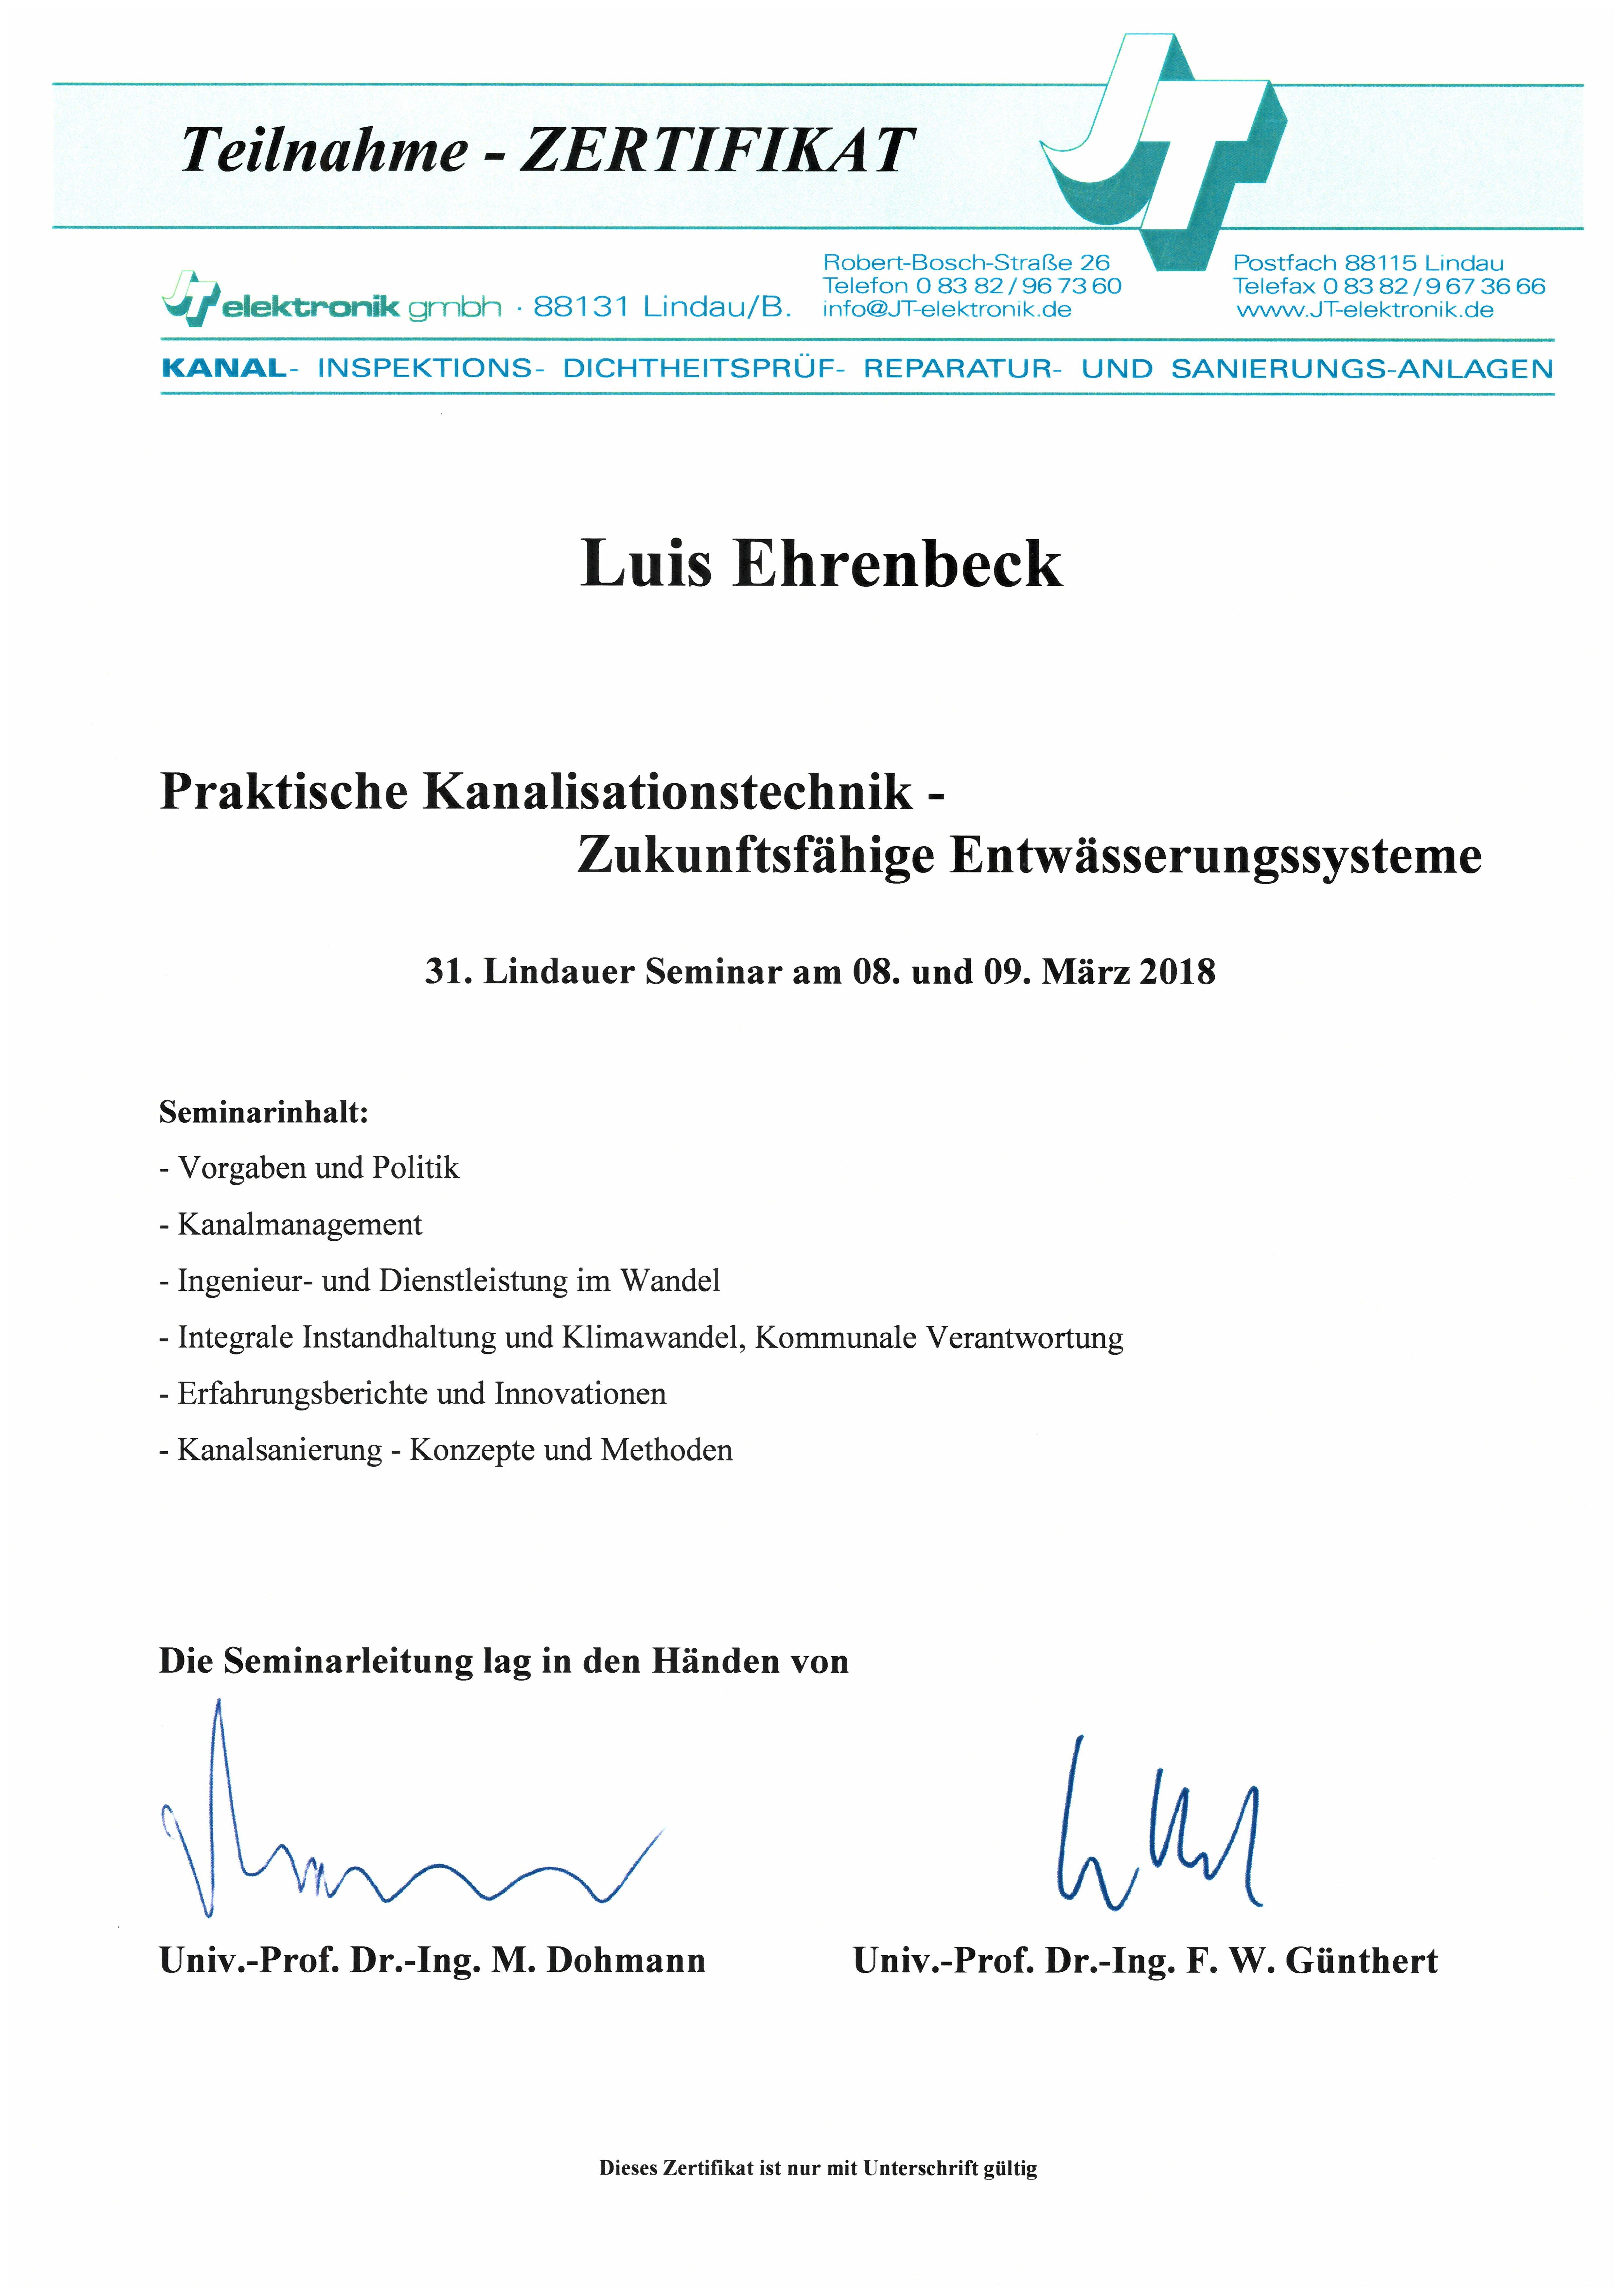 Praktische Kanalinspektionstechnik - Ehrenbeck